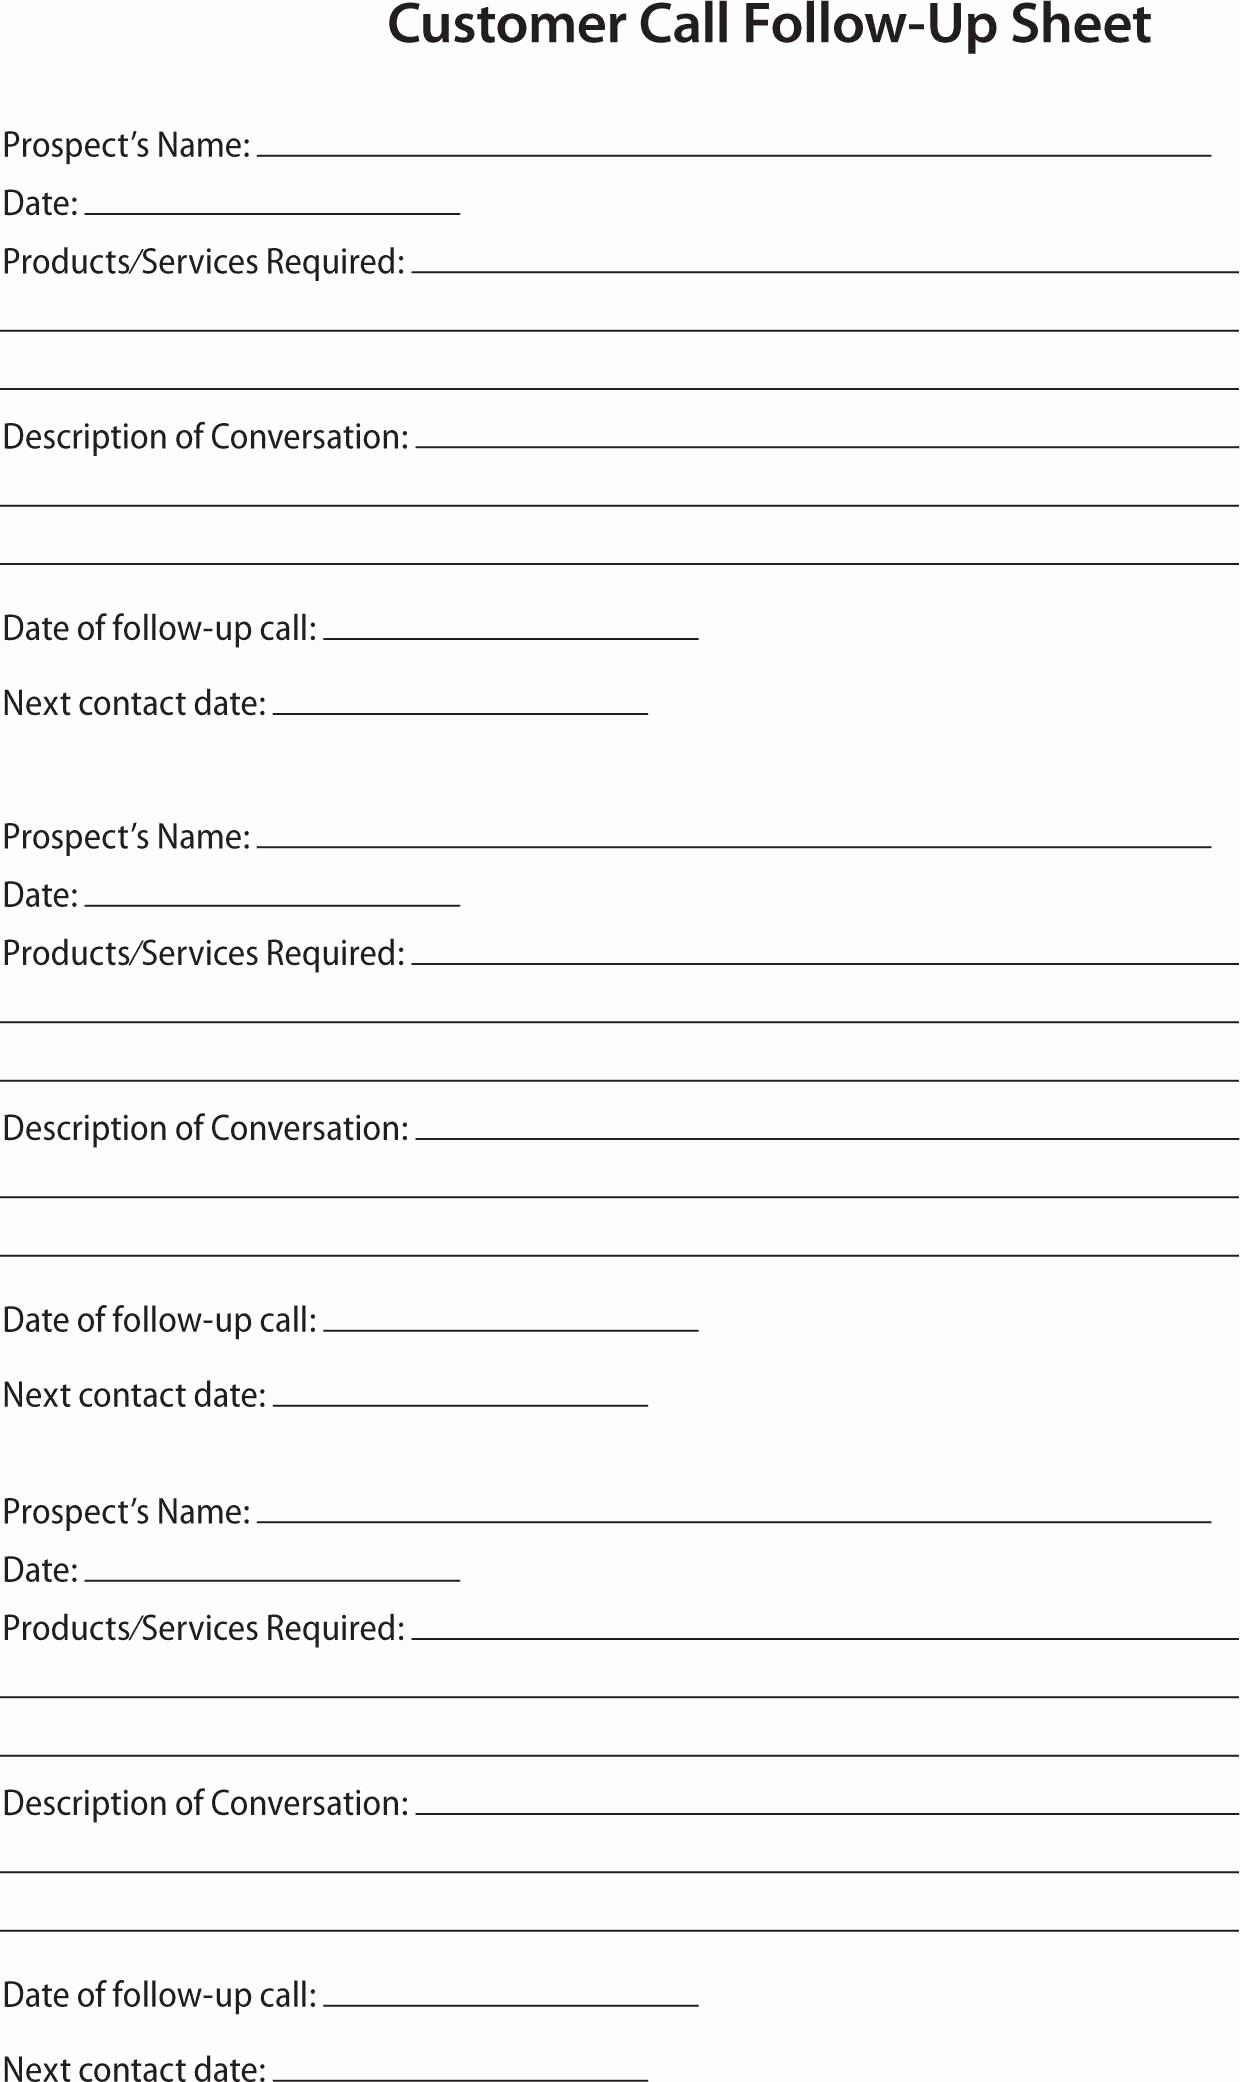 Sales Call Sheet Template Free Best Of 80 20 Prospect Sheet Customer Call Follow Up